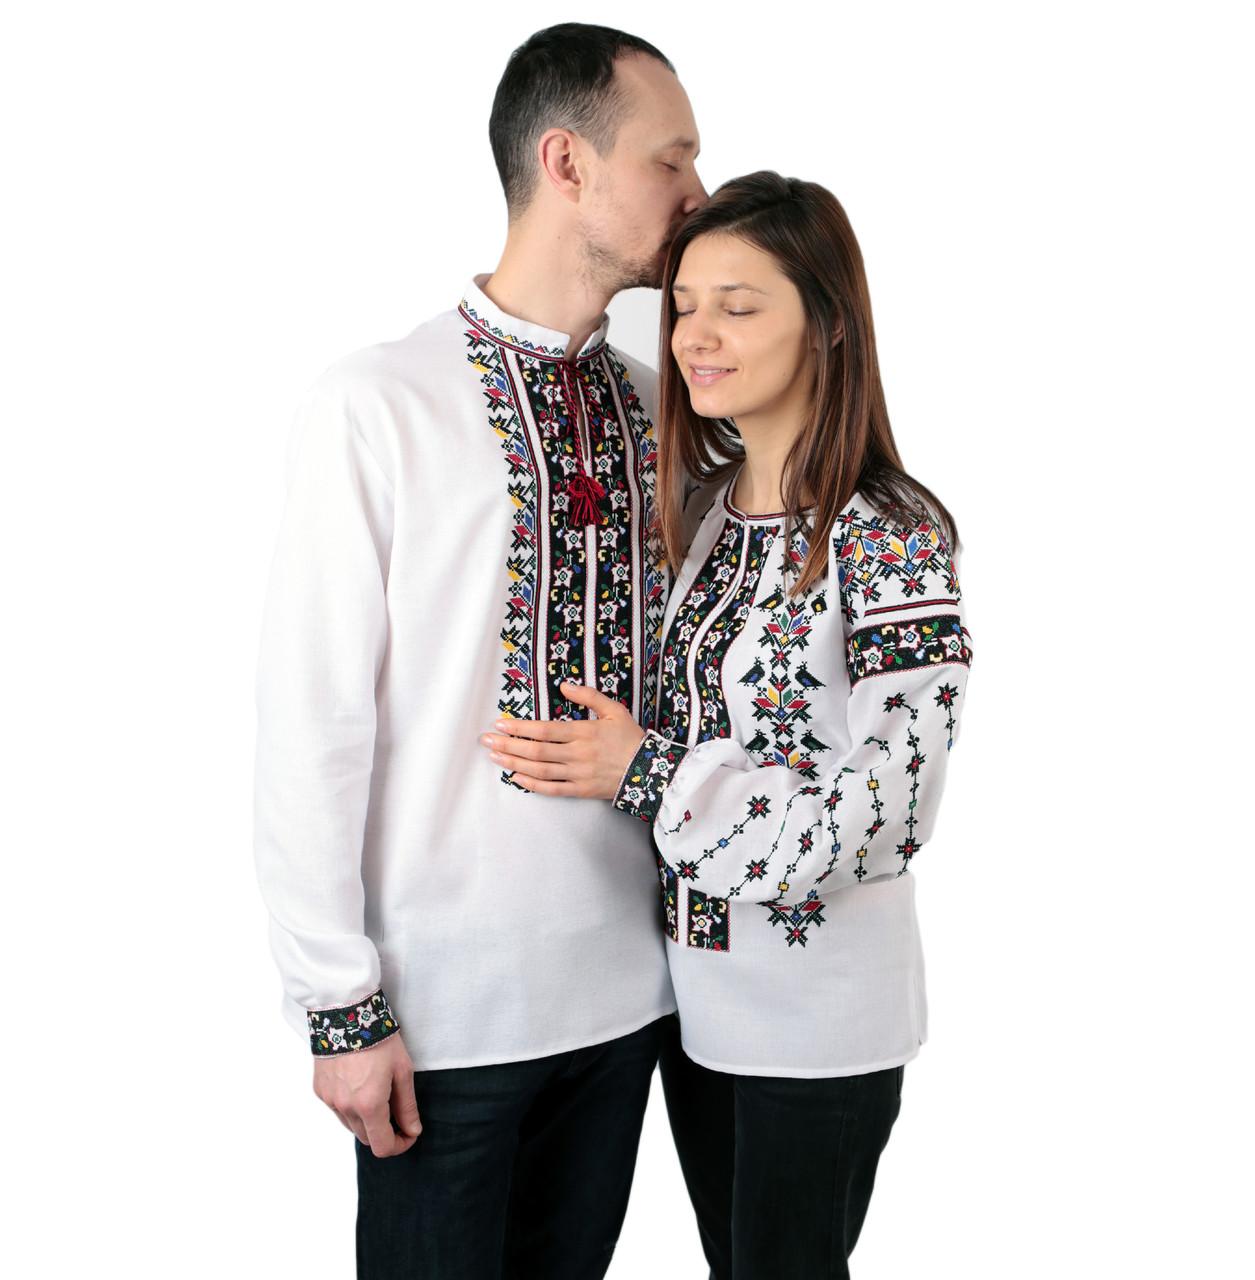 Пара вишиванок білого кольору з кольоровим орнаментом з машинною вишивкою